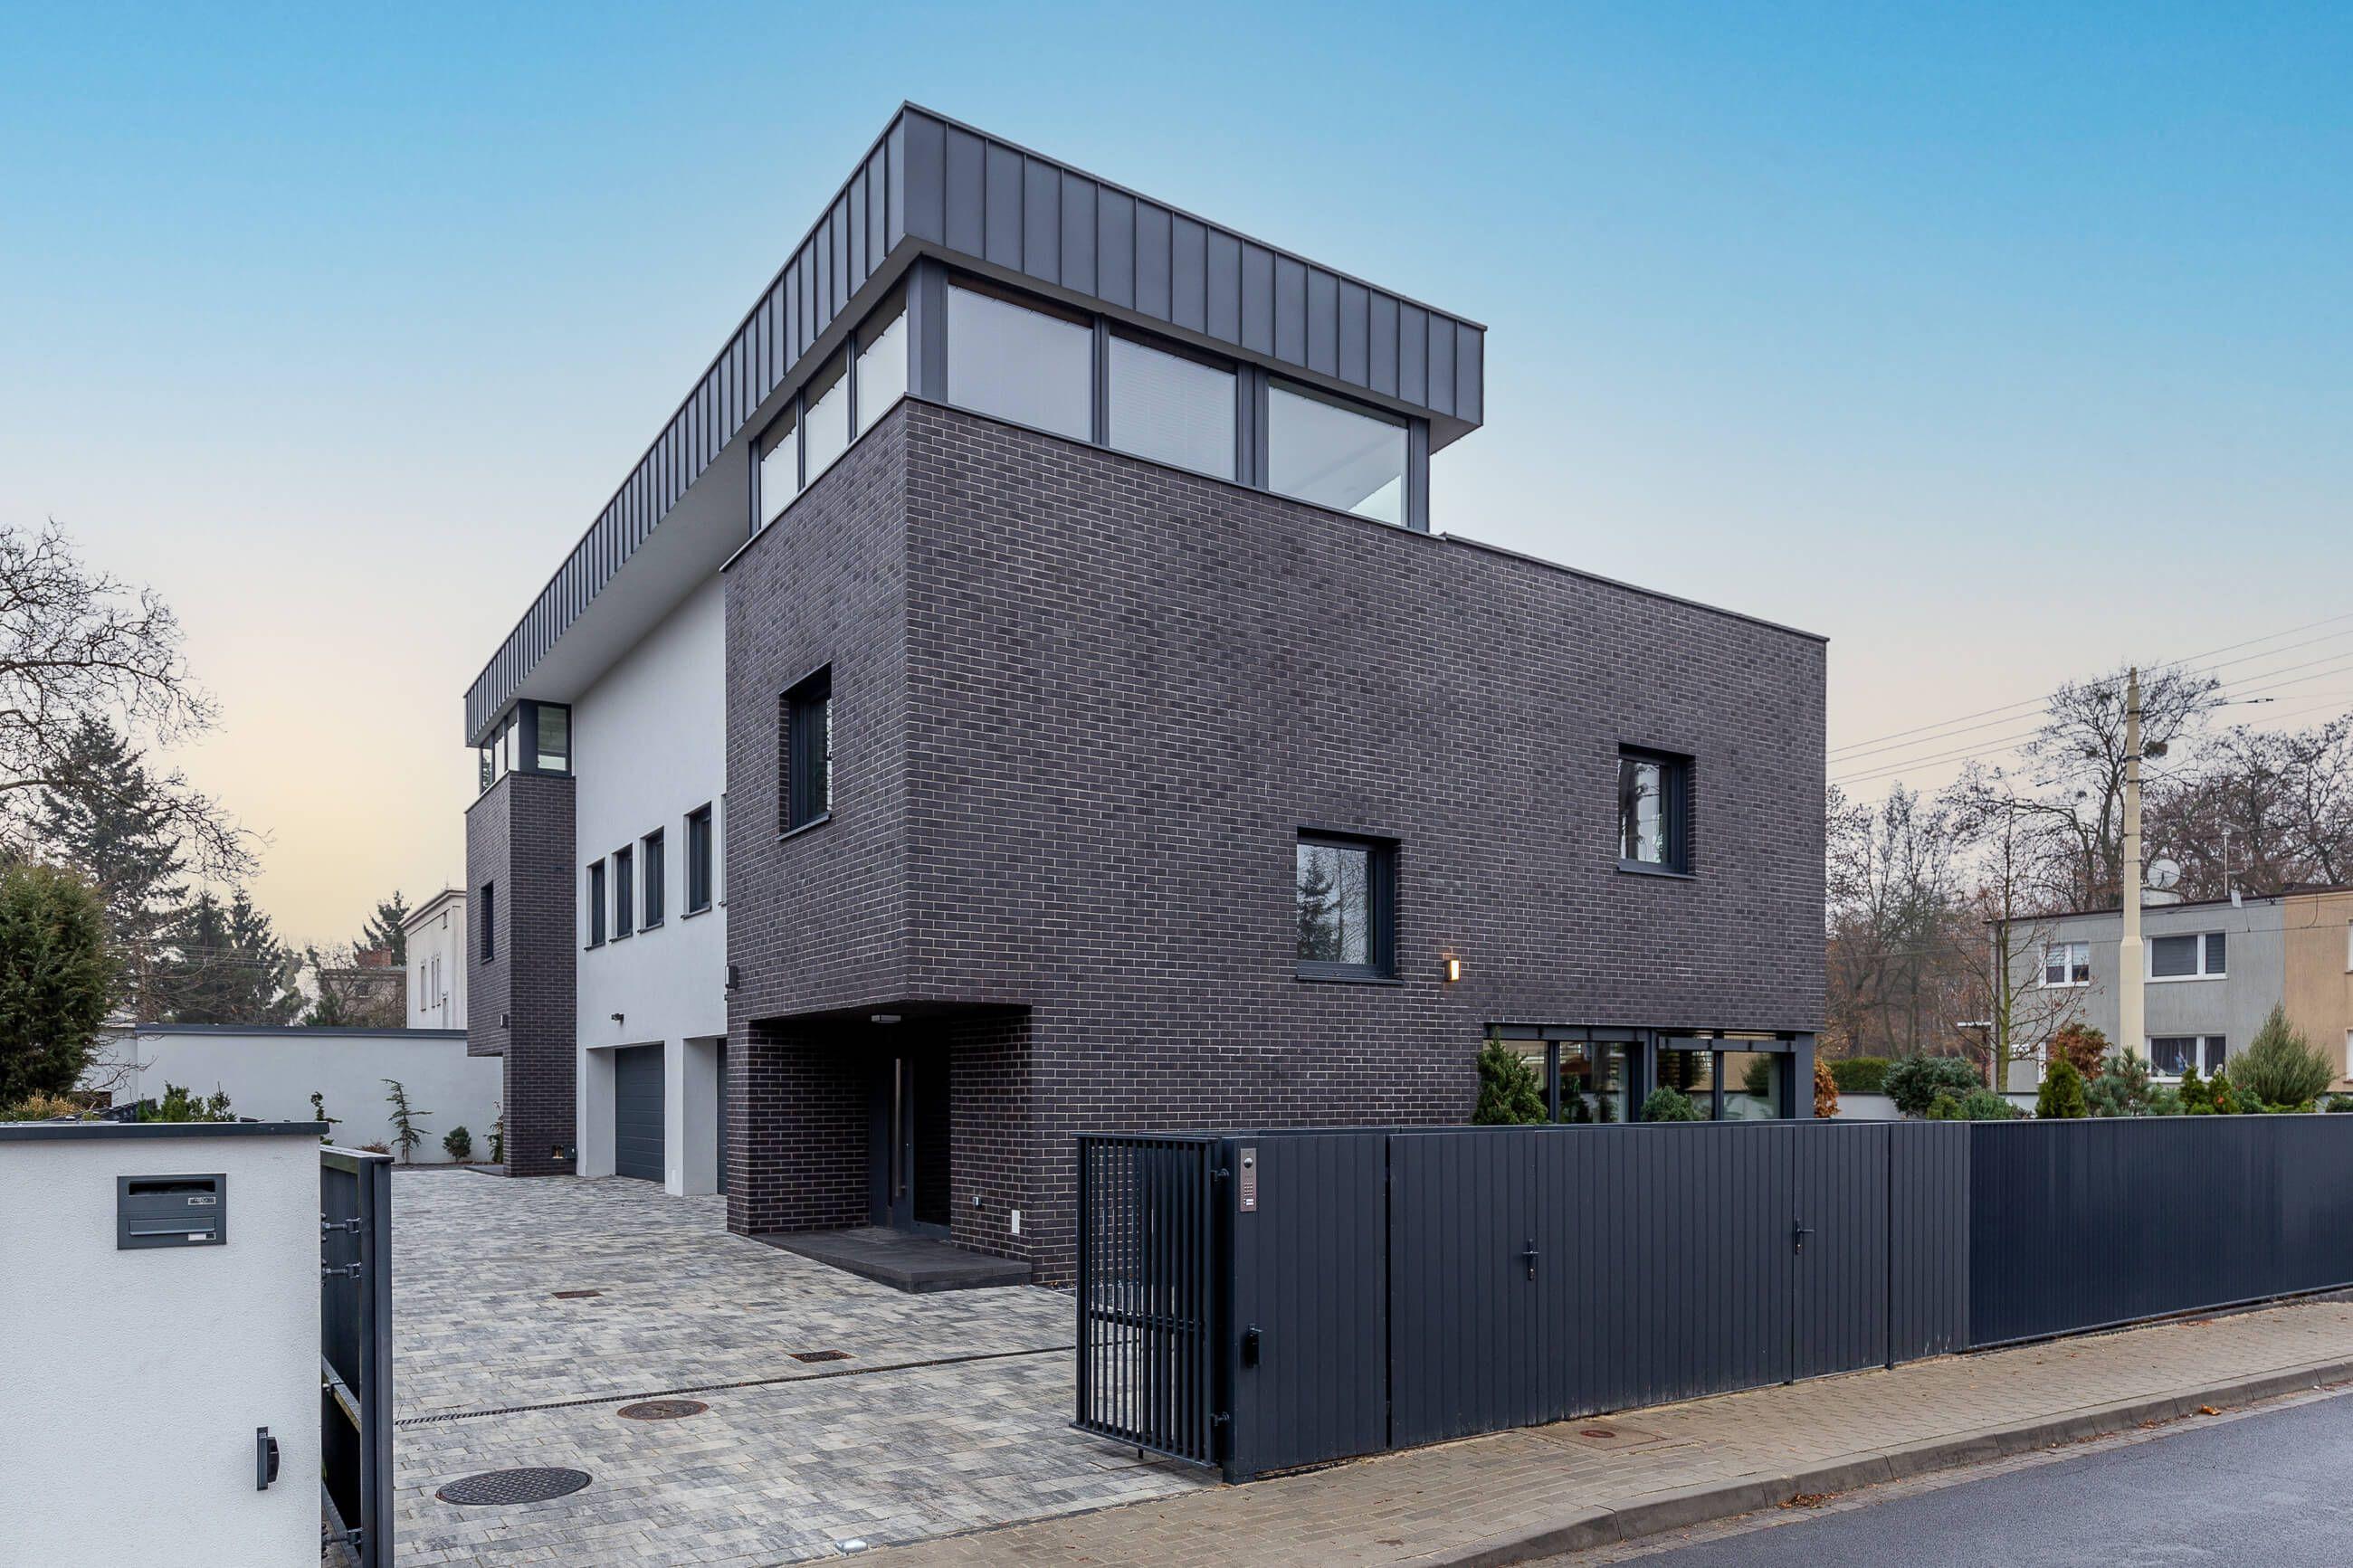 Zdjęcie z zewnątrz luksusowego domu w Poznaniu